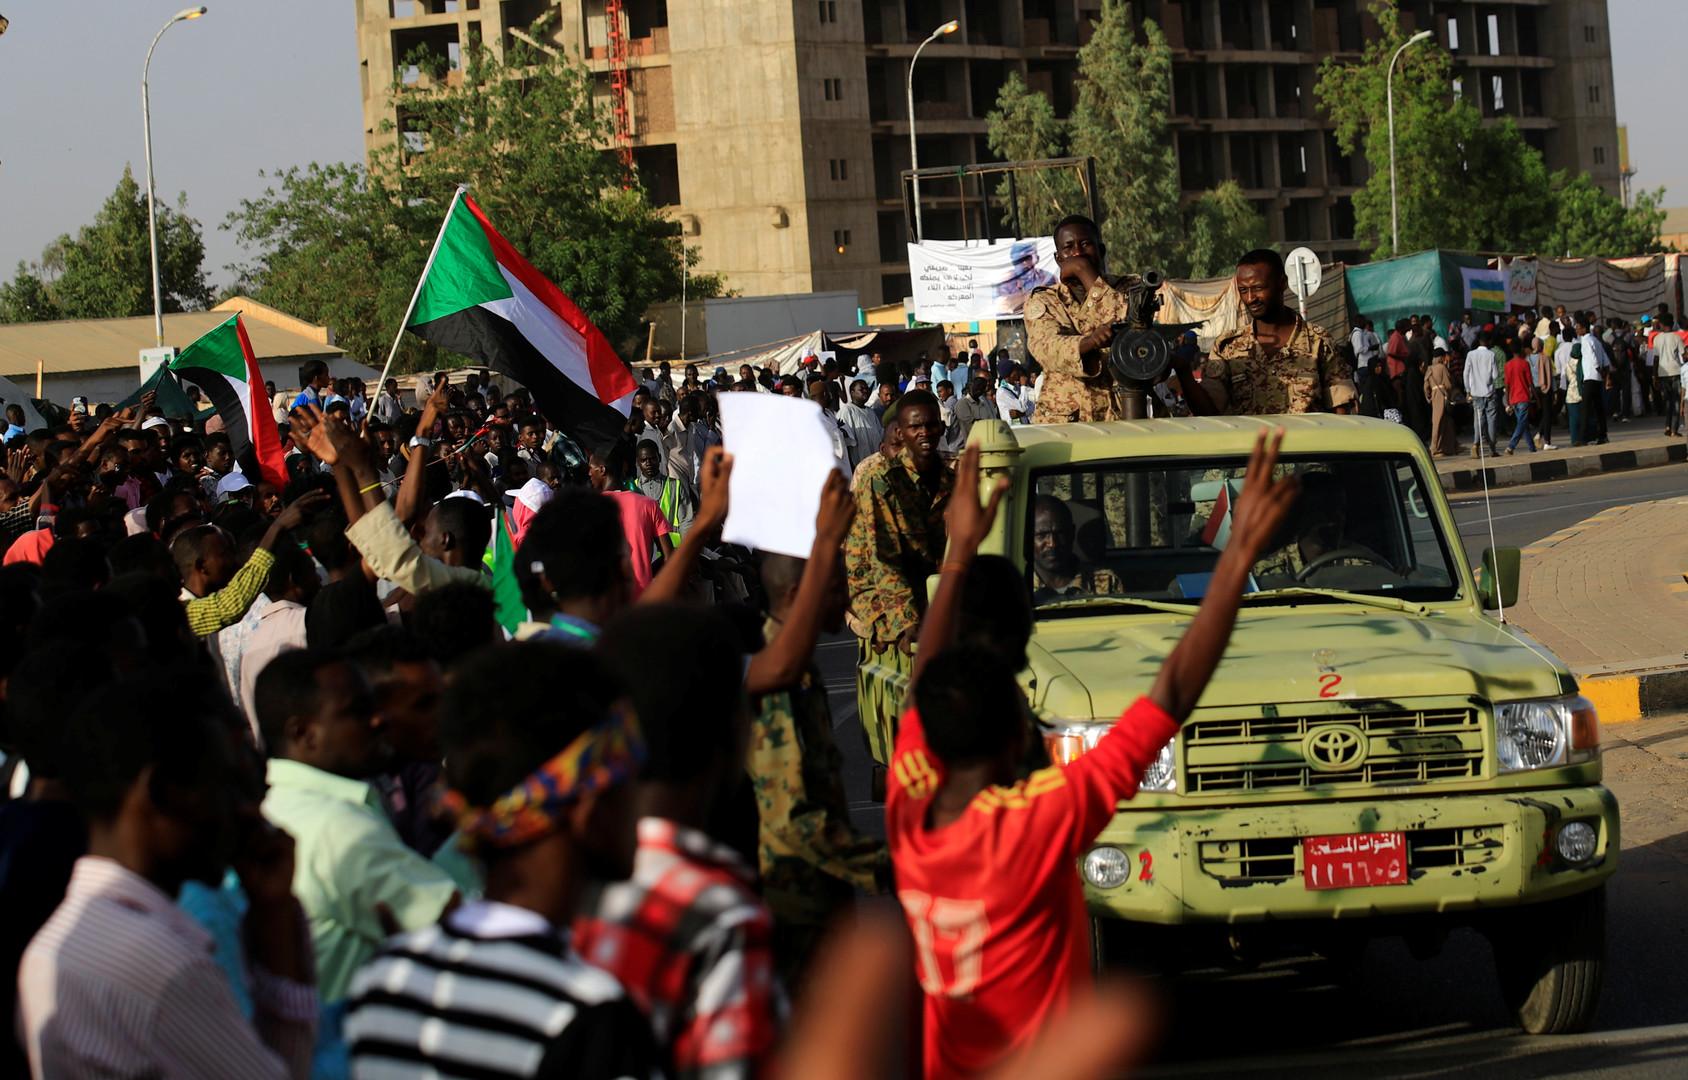 المجلس العسكري يحرر نشاط النقابات الموالية للبشير والمعارضة تحتج